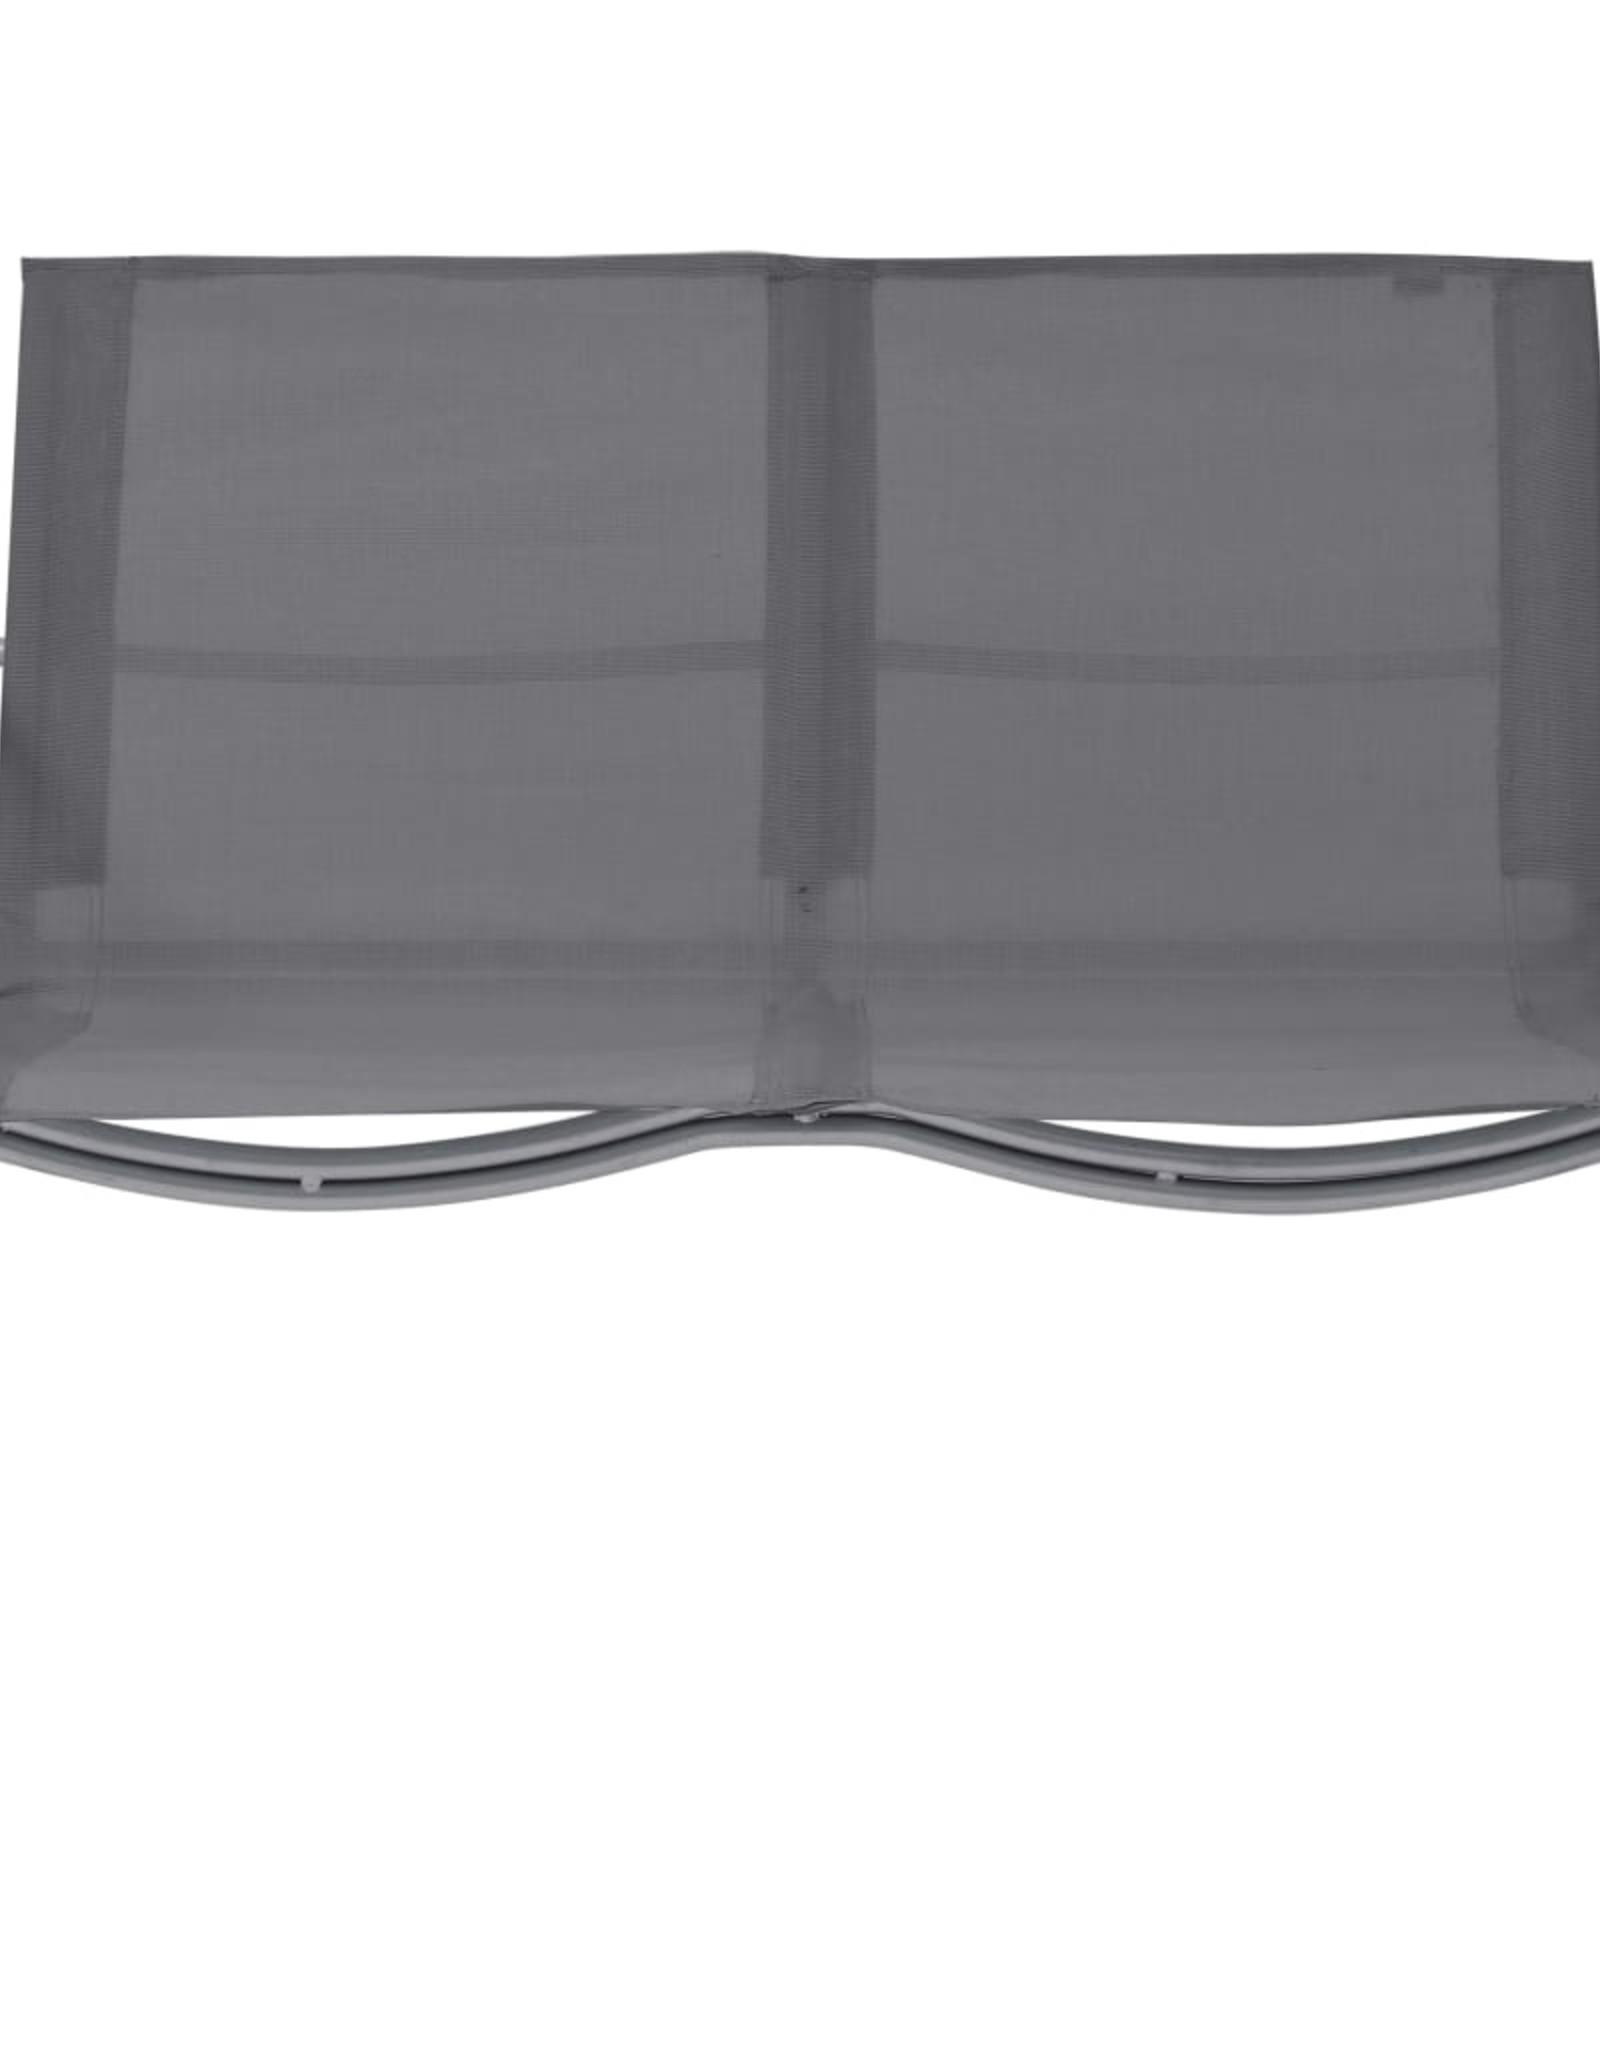 4-delige Loungeset stof en staal grijs